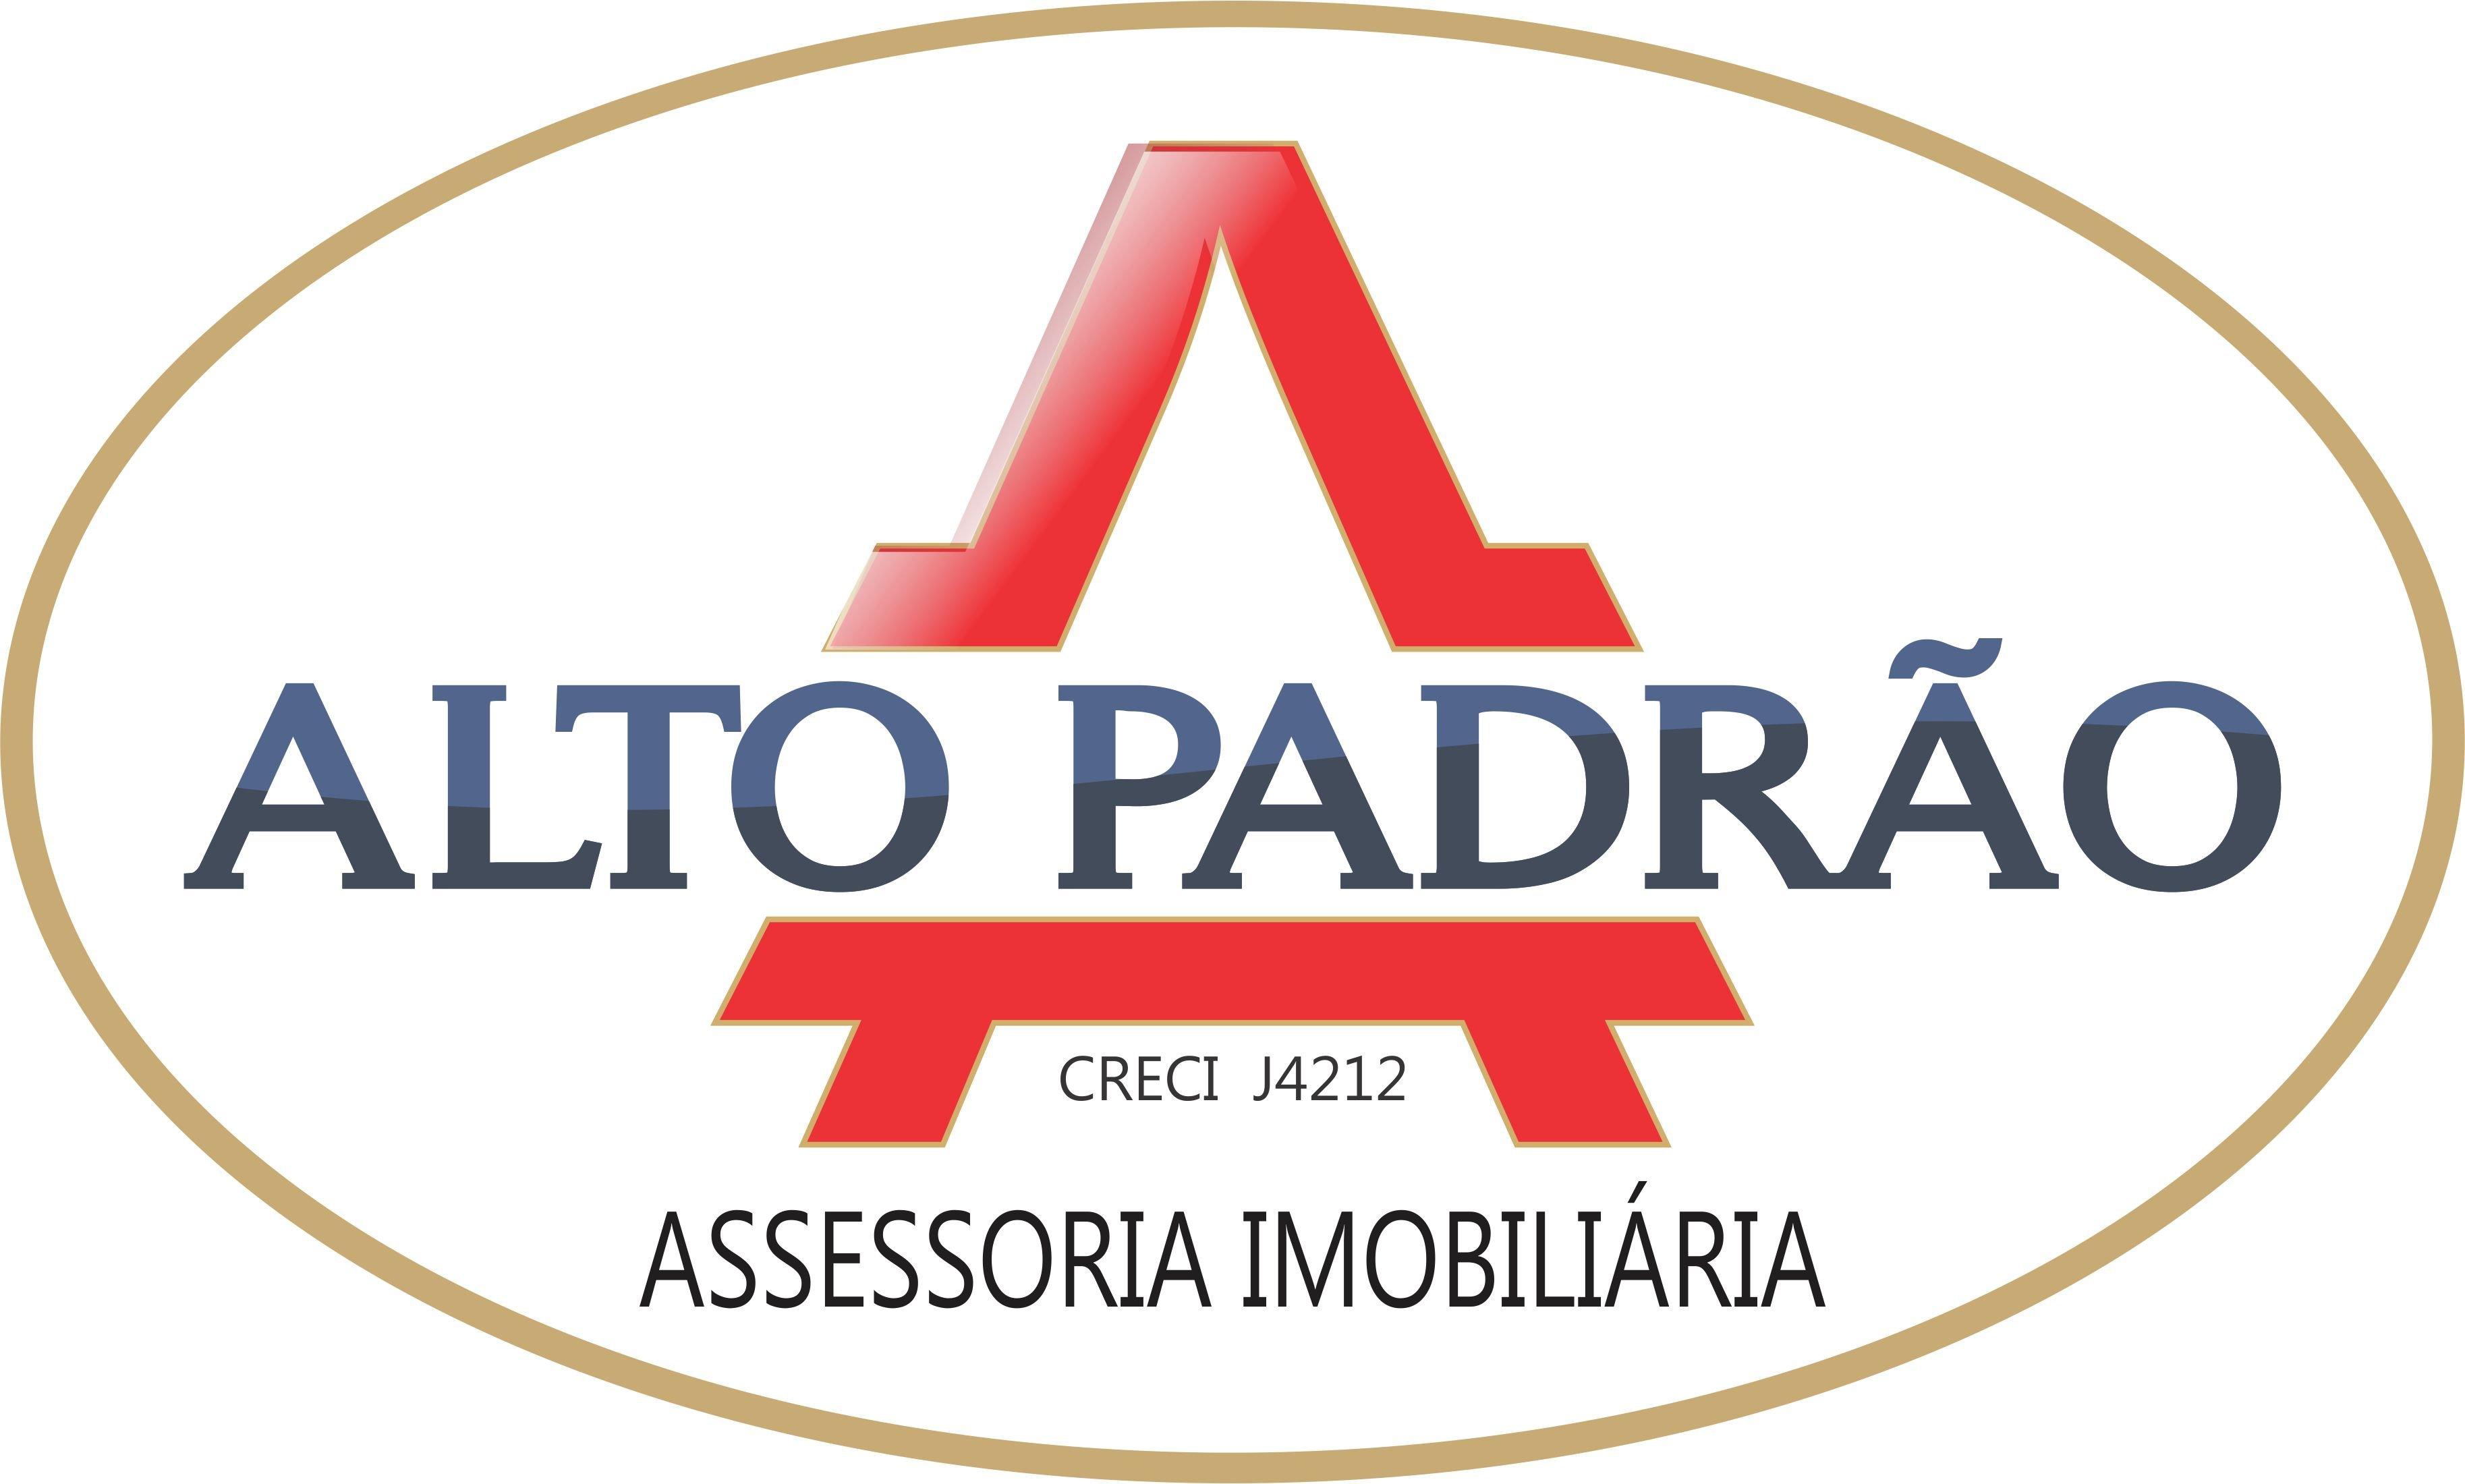 ALTO PADRÃO ASSESSORIA IMOBILIÁRIA